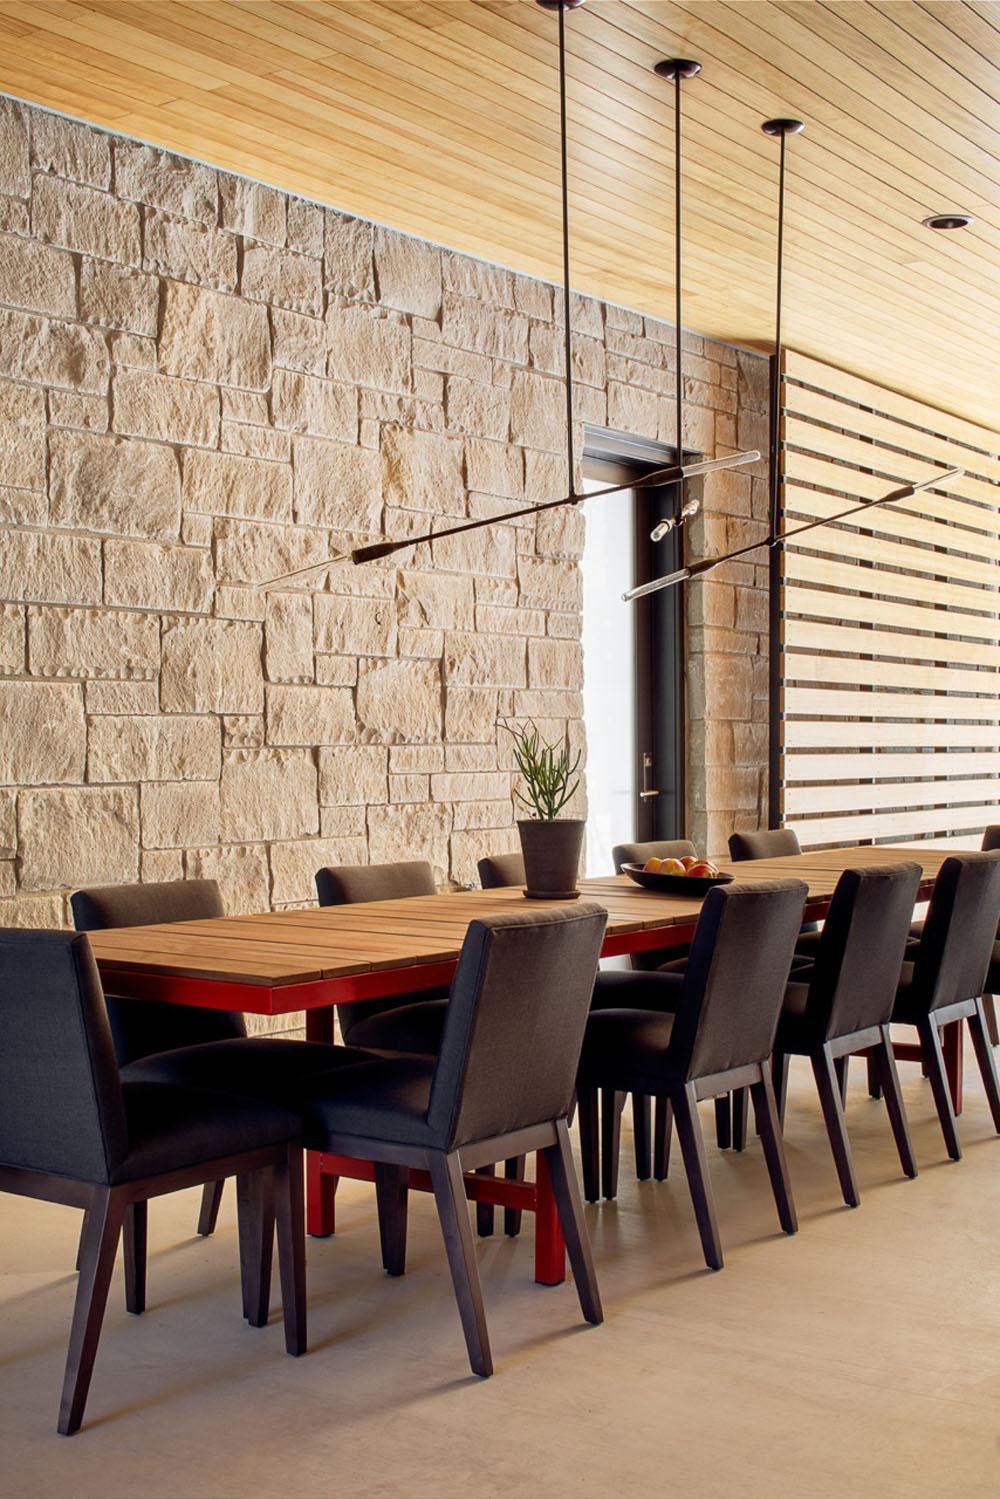 Dise o de casa de un piso con fachada en piedra y madera for Diseno de paredes para salas